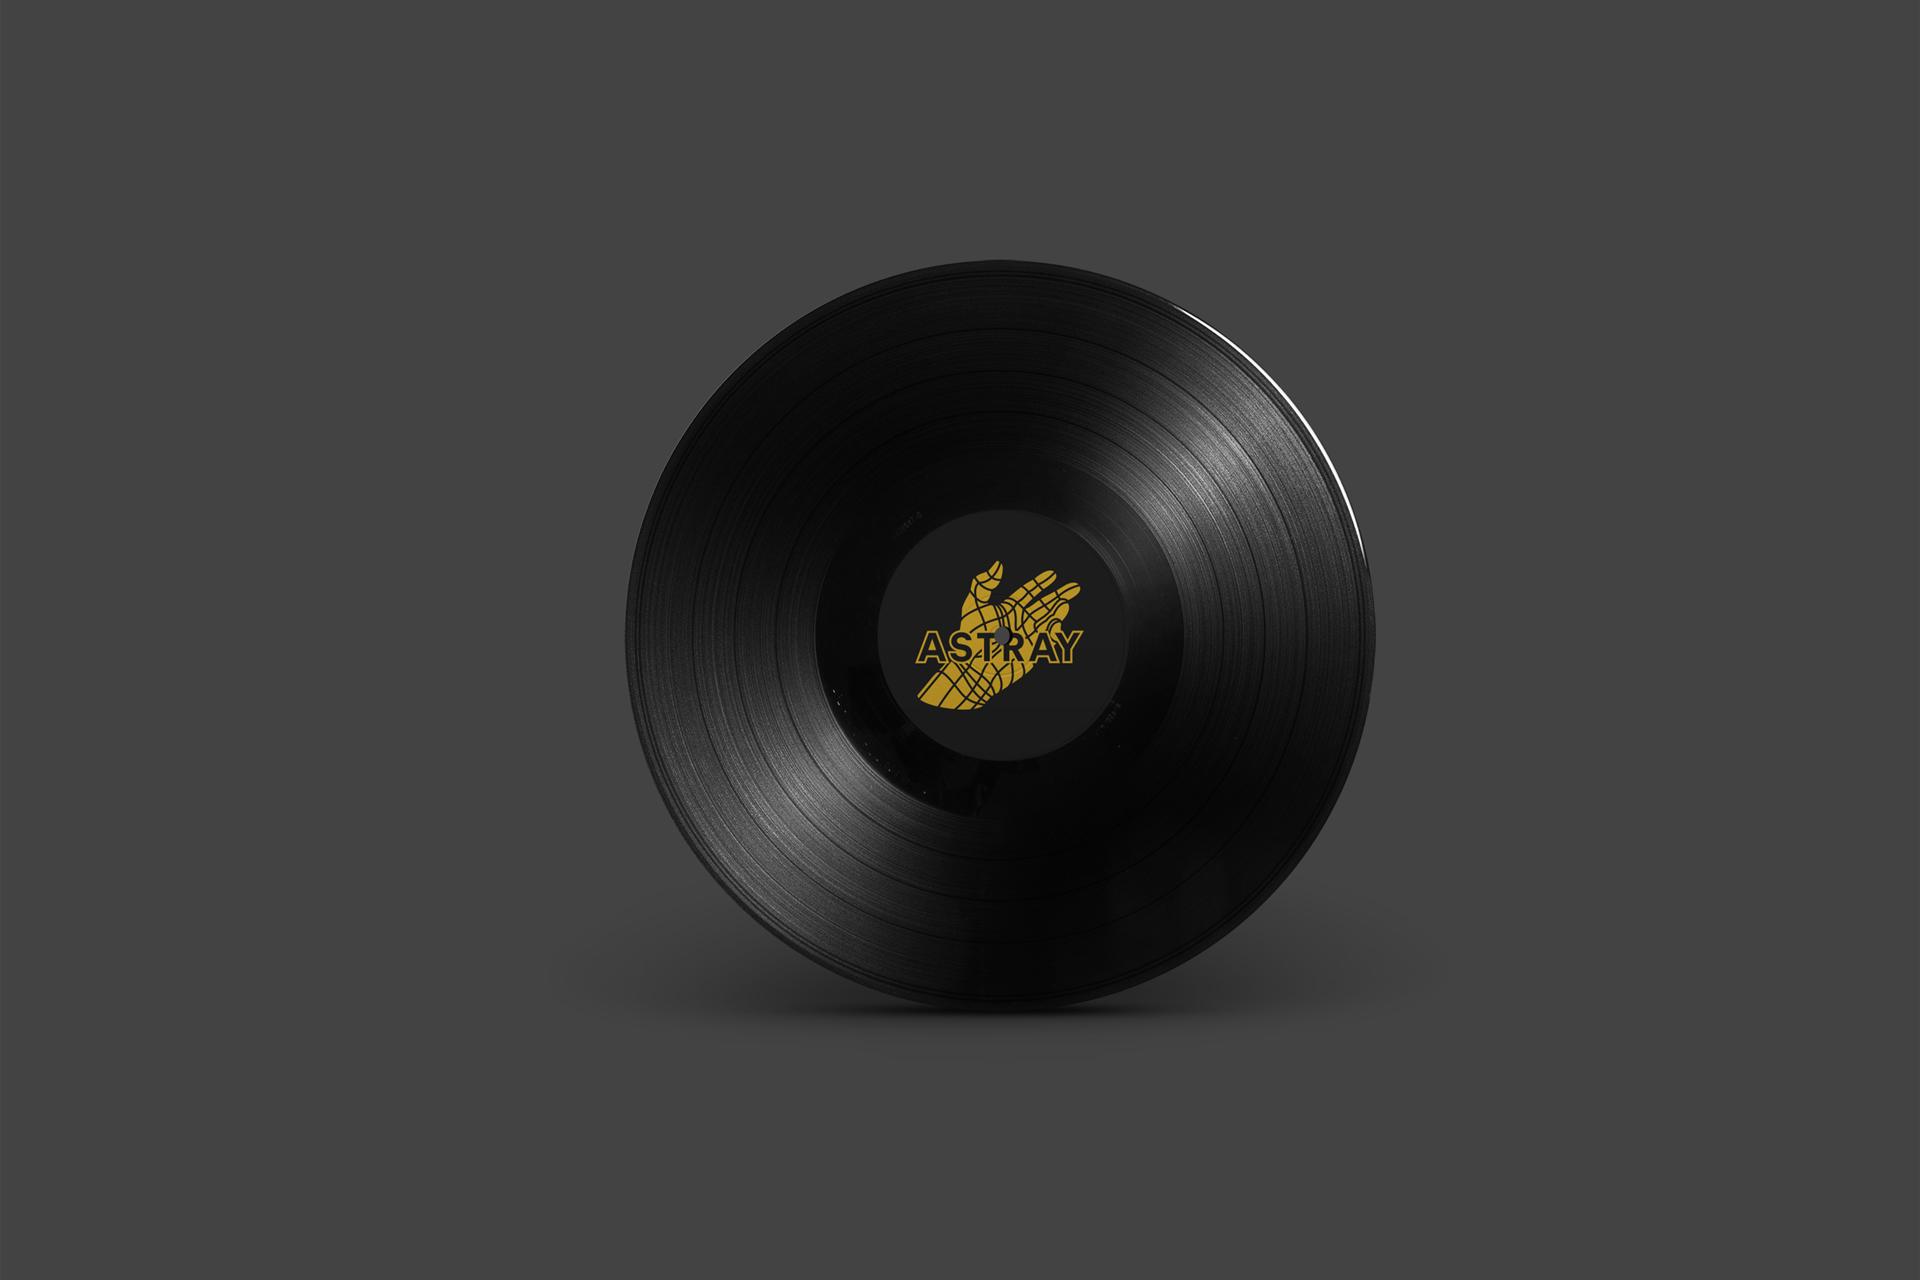 astray-vinyl